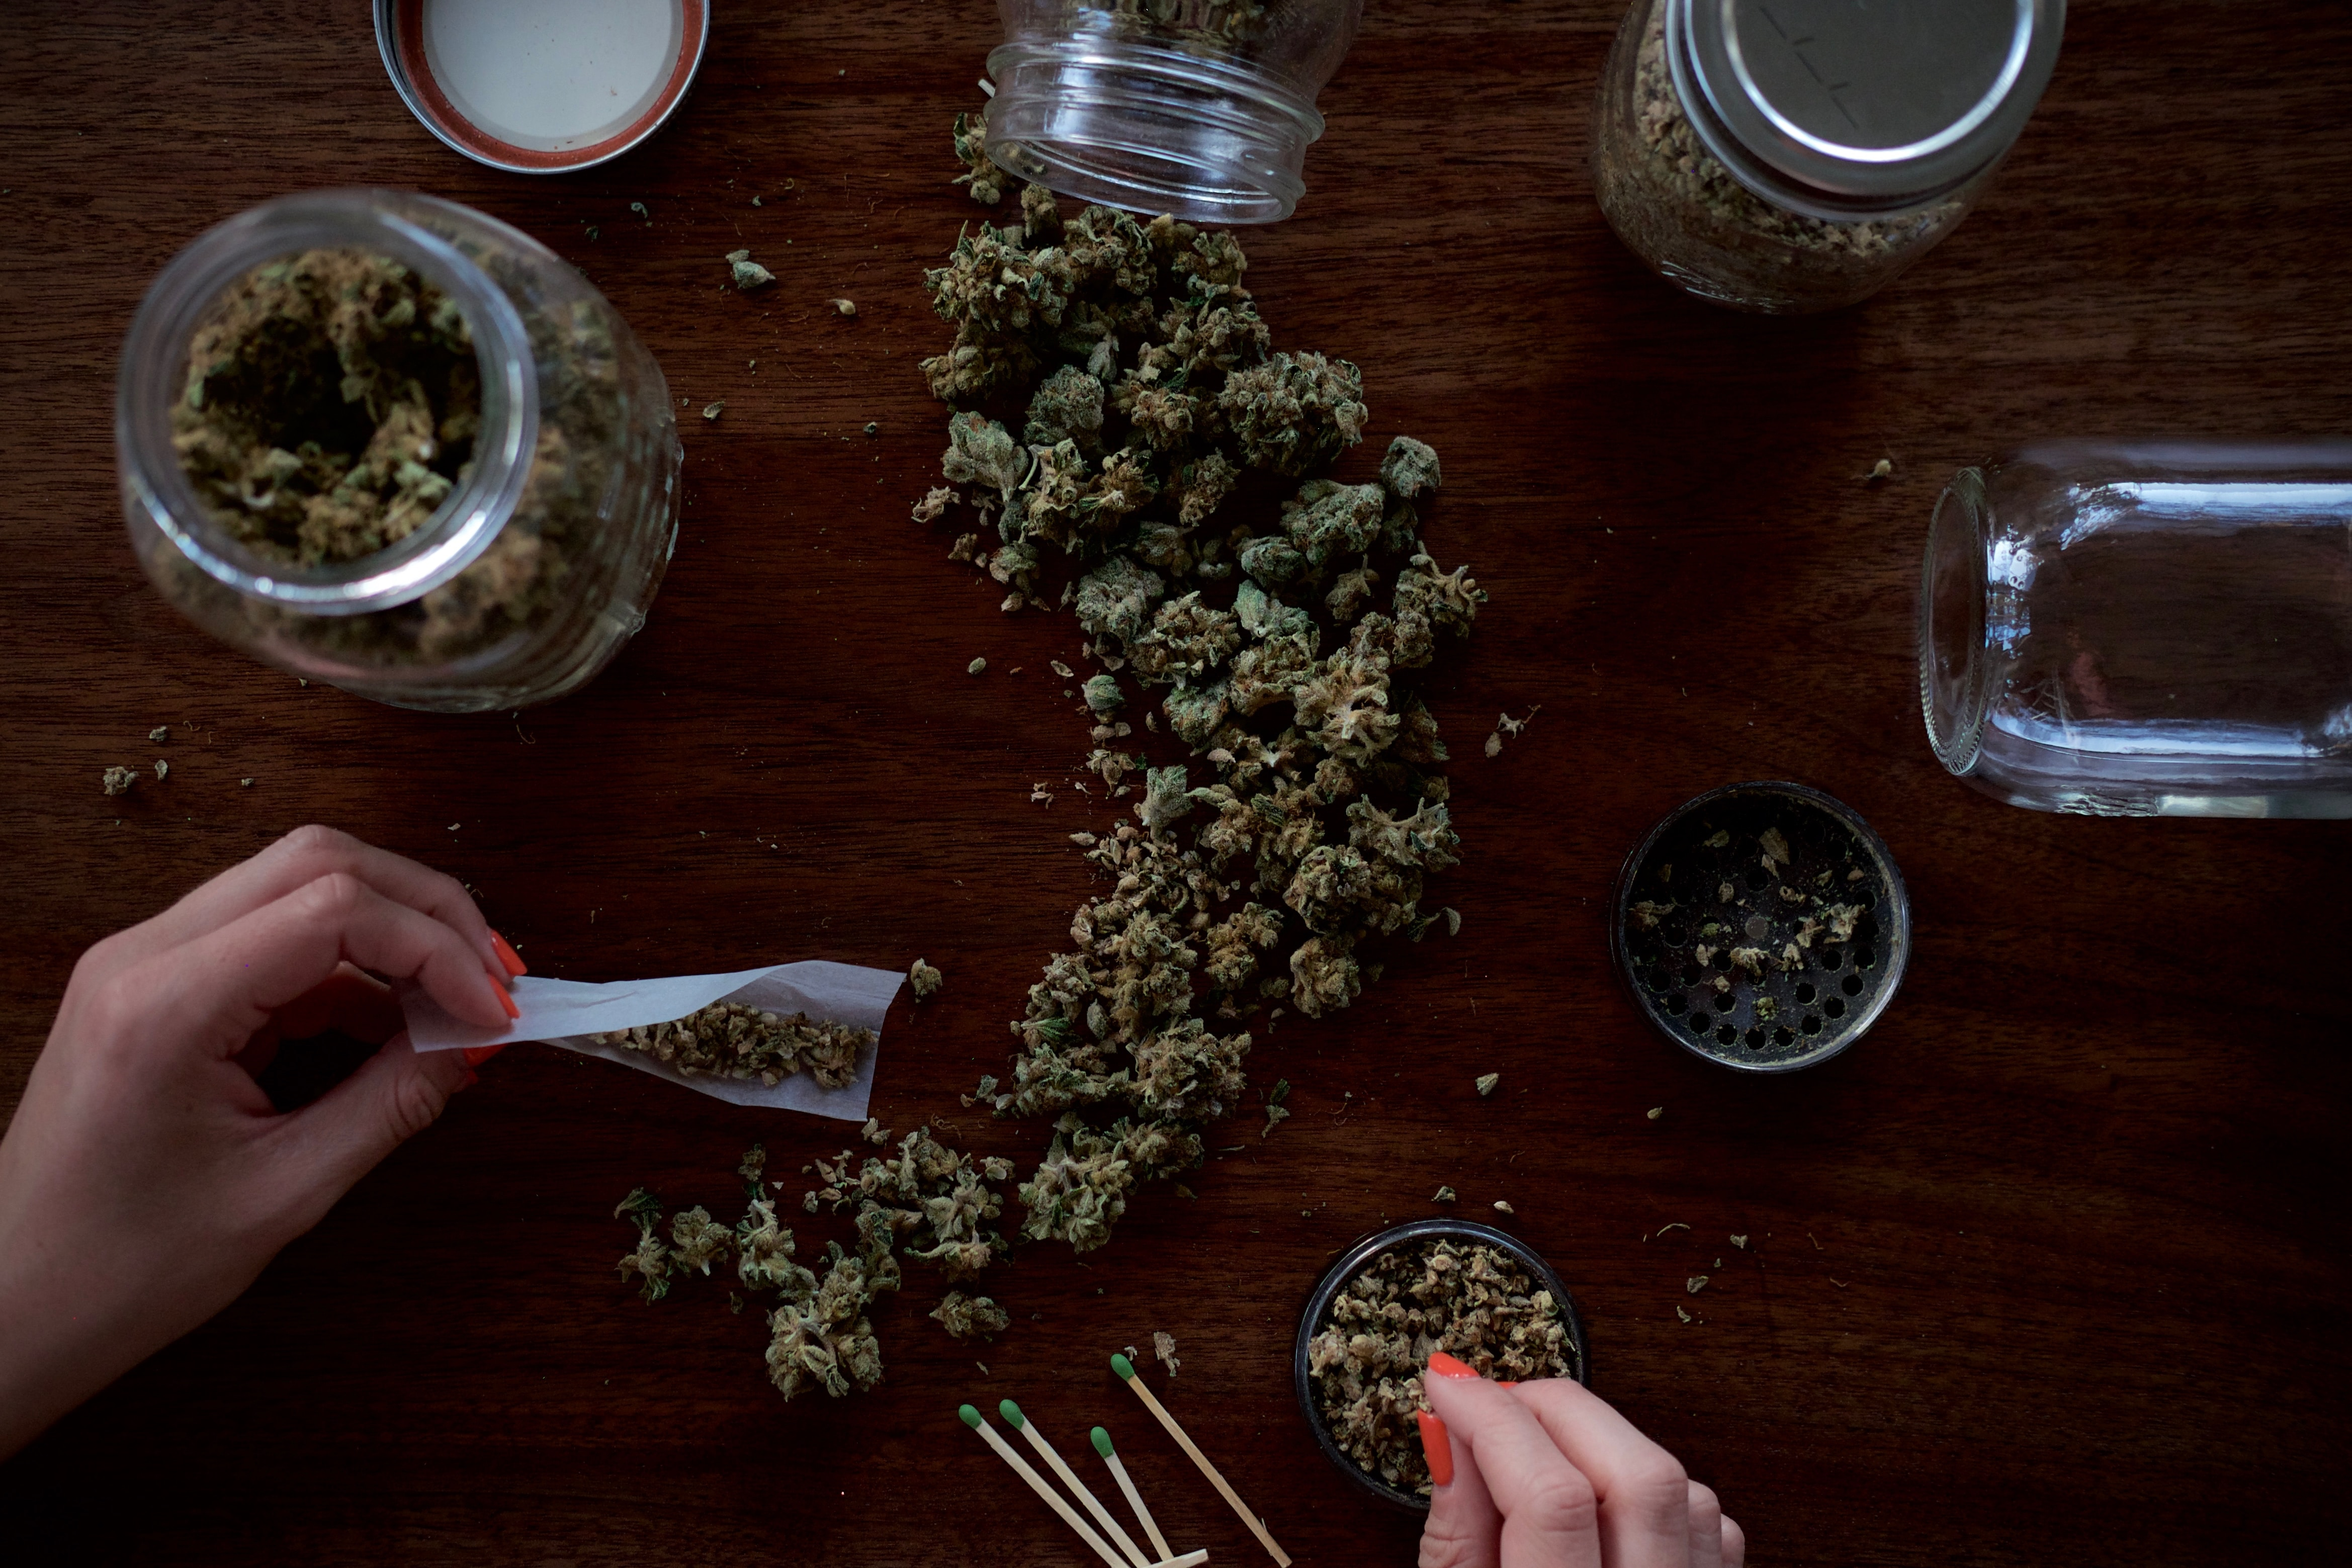 Covid-19 aumenta demanda de mariguana; industria alista fusiones